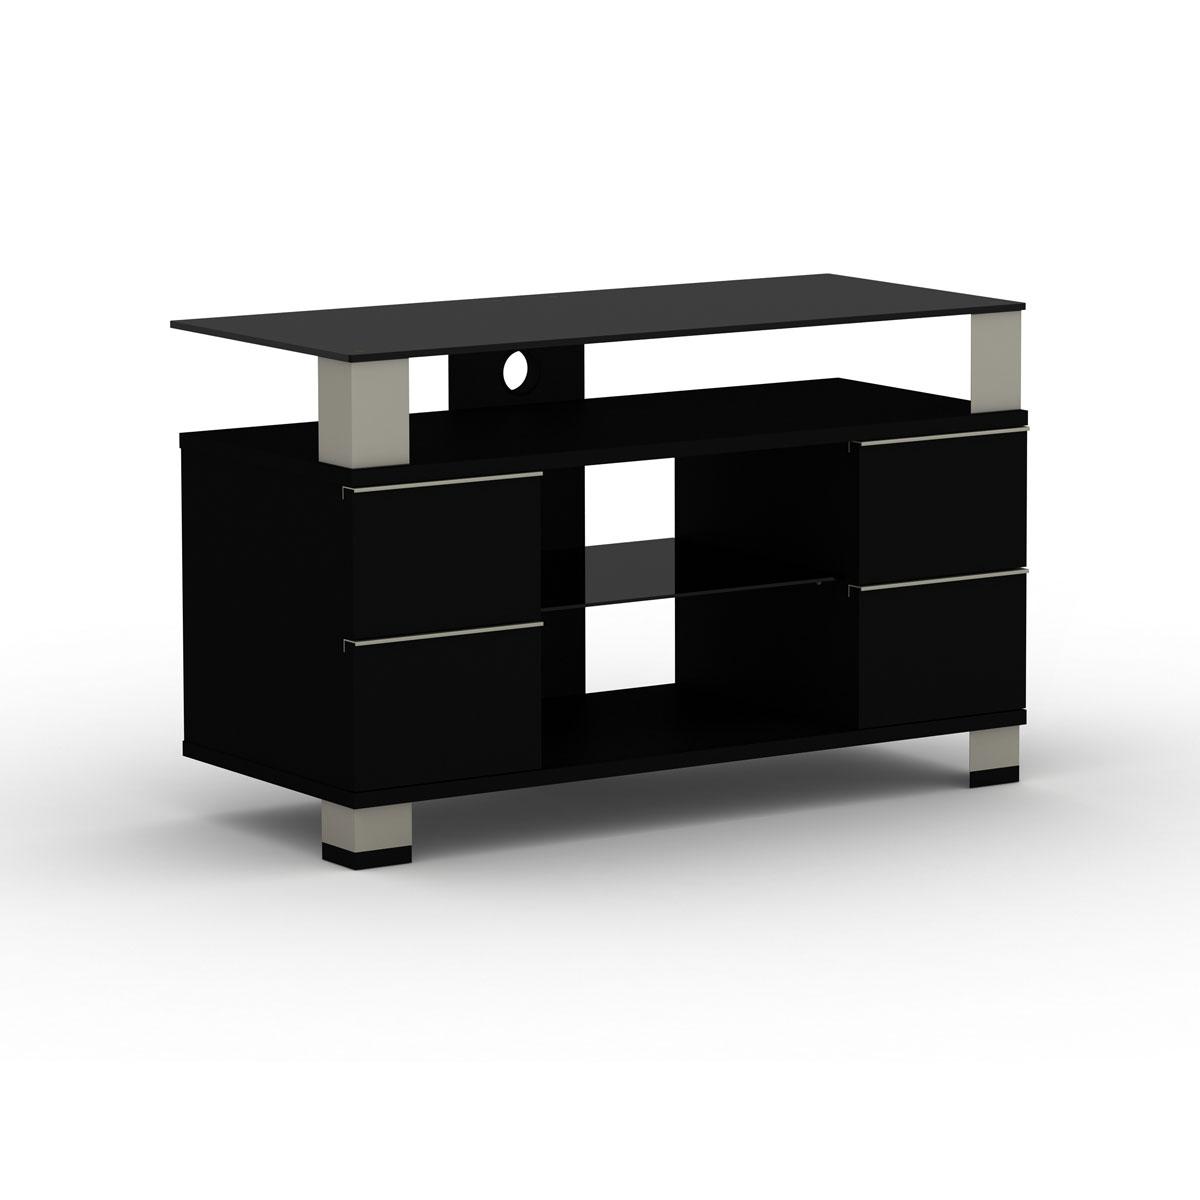 Elmob pone pn 095 01 noir meuble tv elmob sur ldlc - Meubles television ecran plat ...